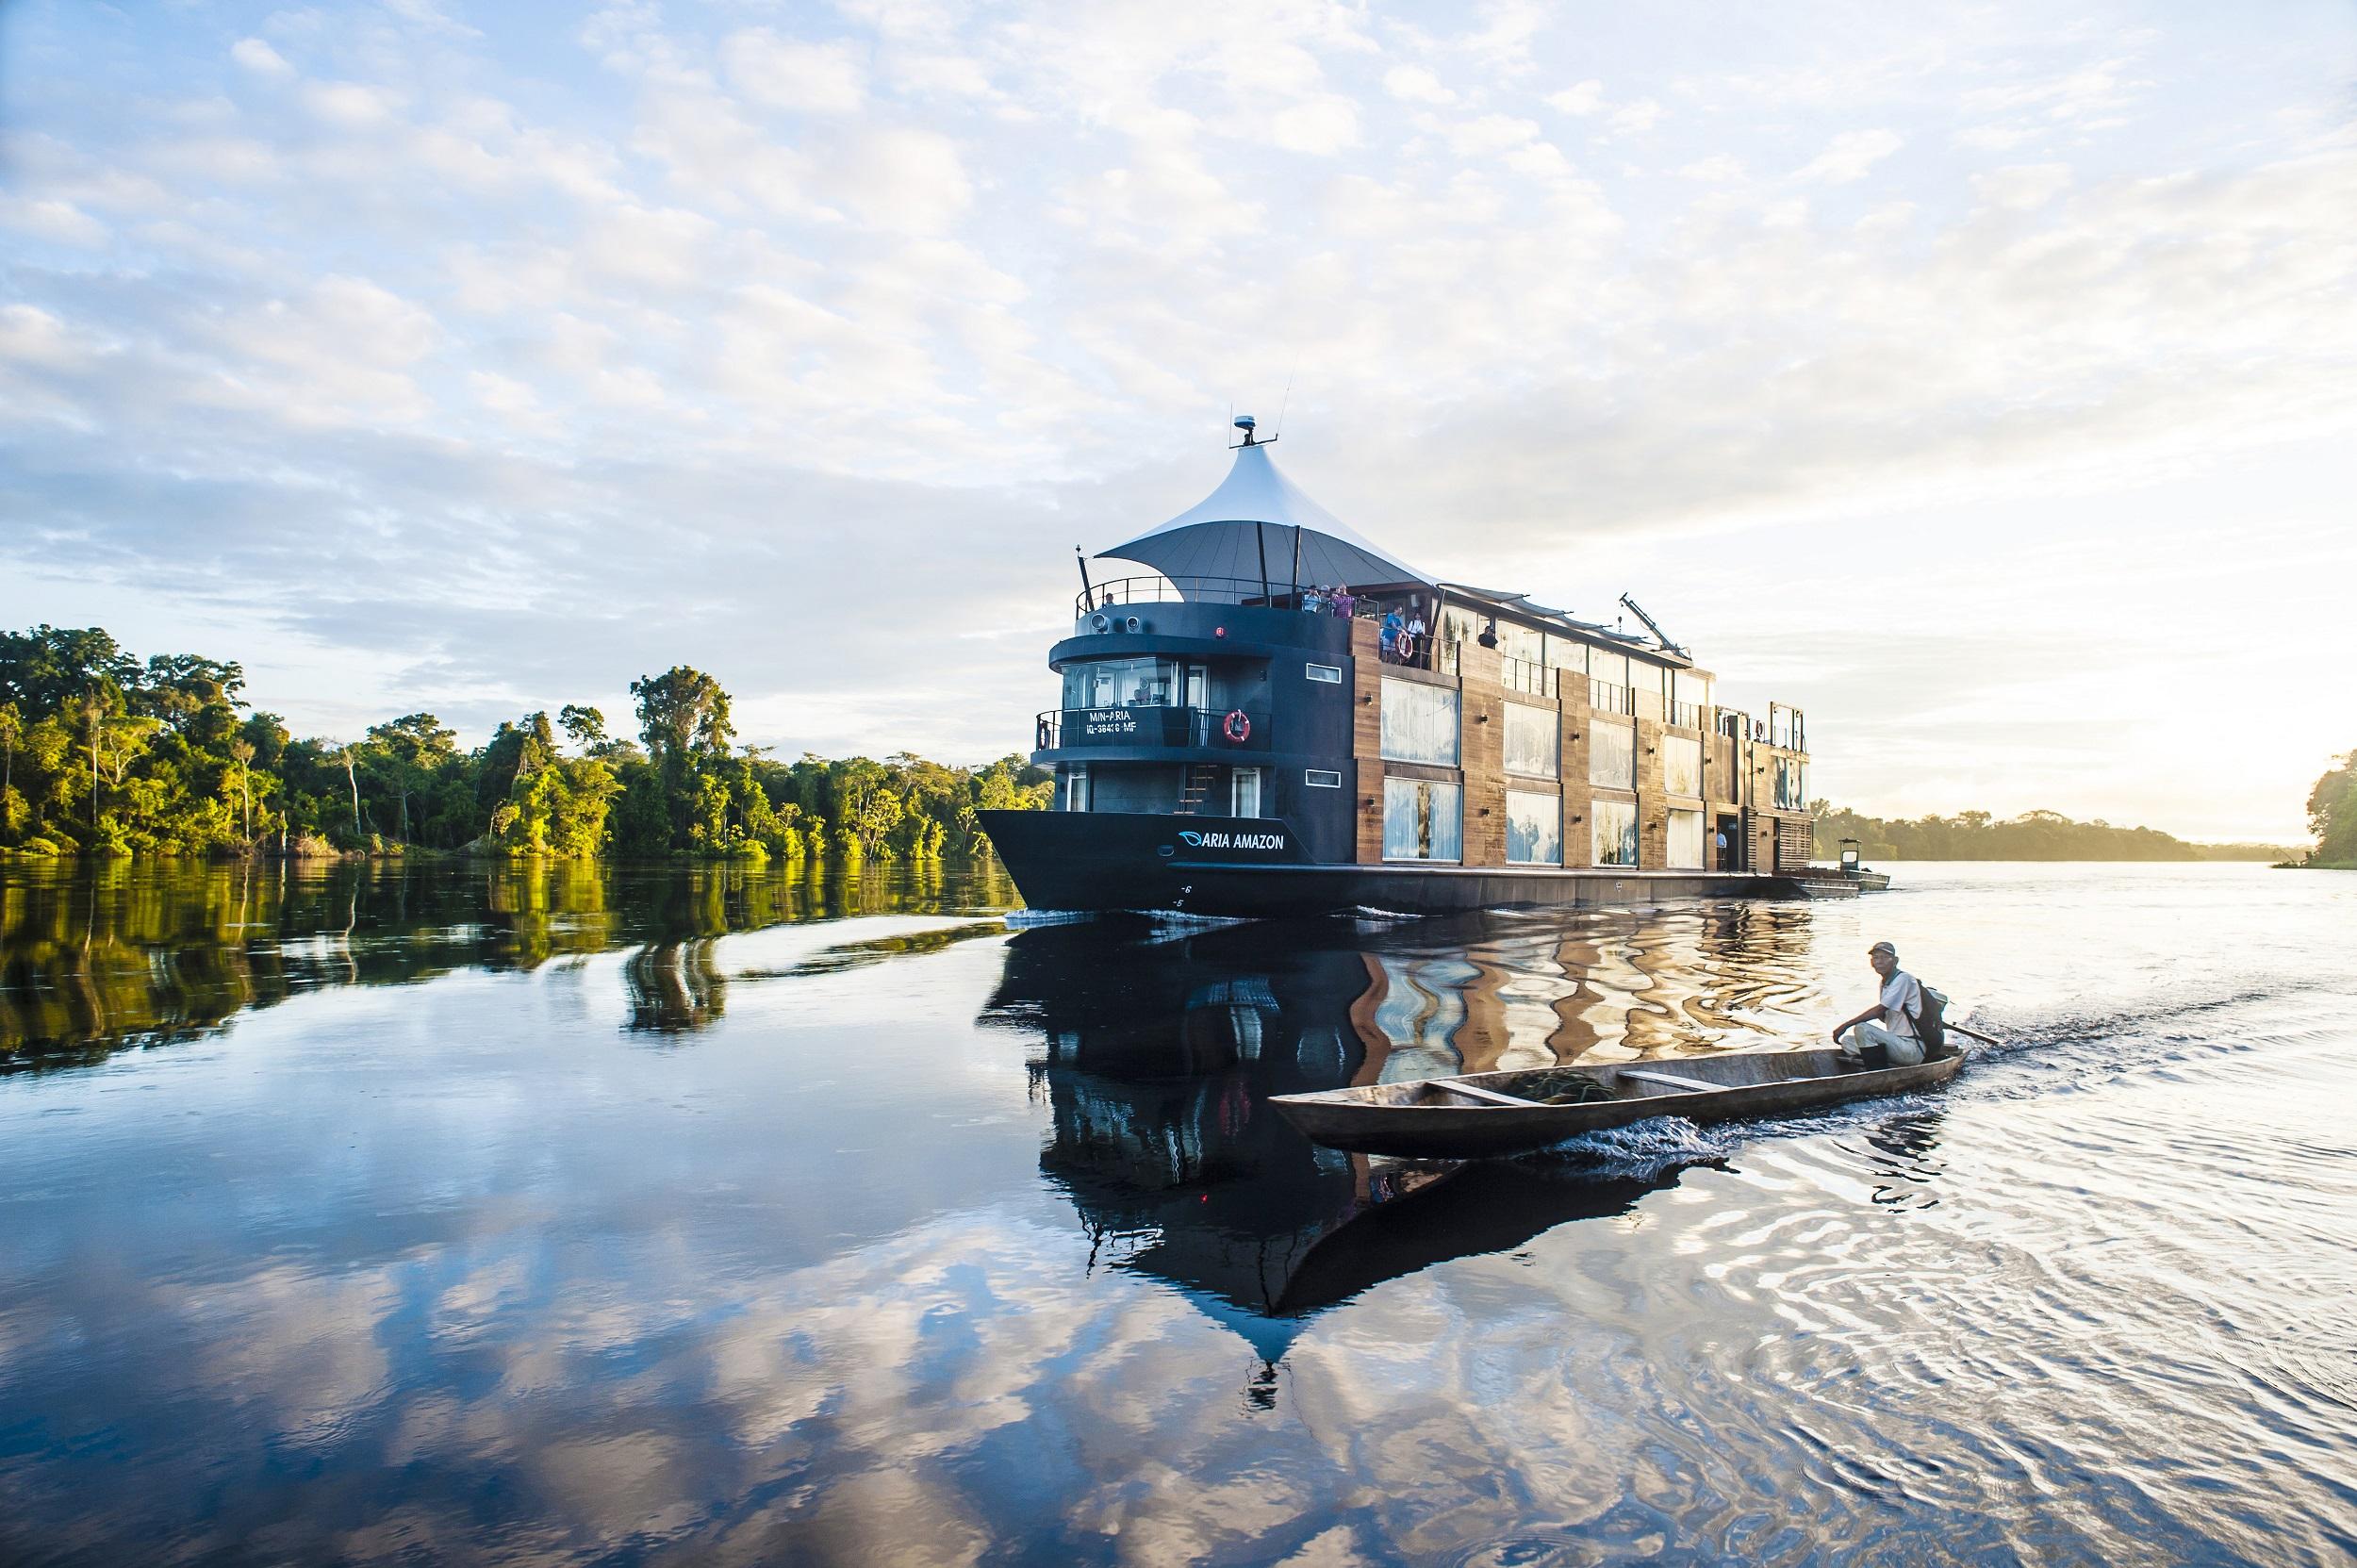 Hotel barco en el amazonas